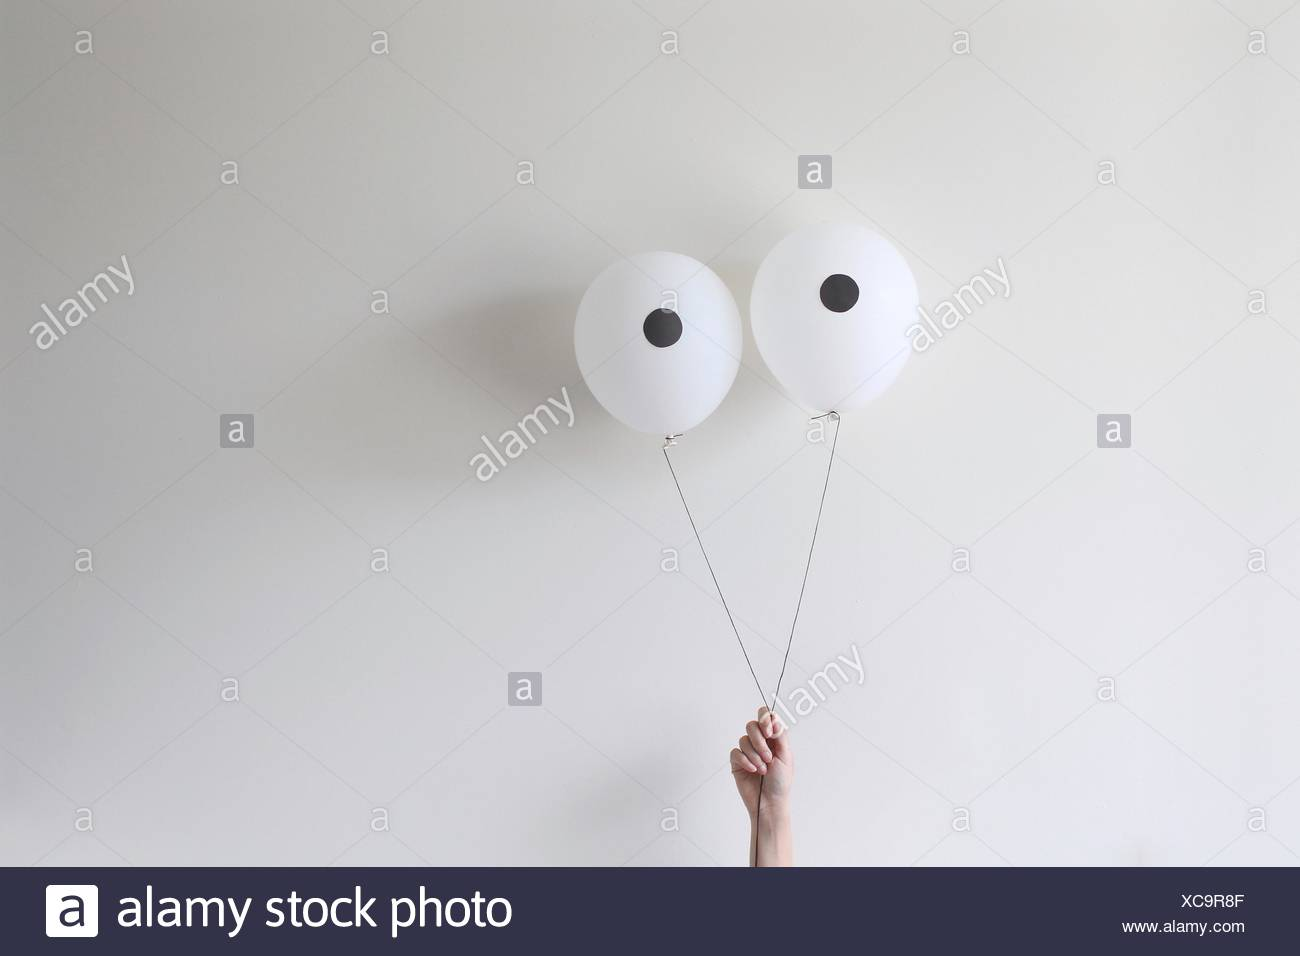 Eine Hand hält ein paar Ballons, die wie Augen Aussehen Stockfoto